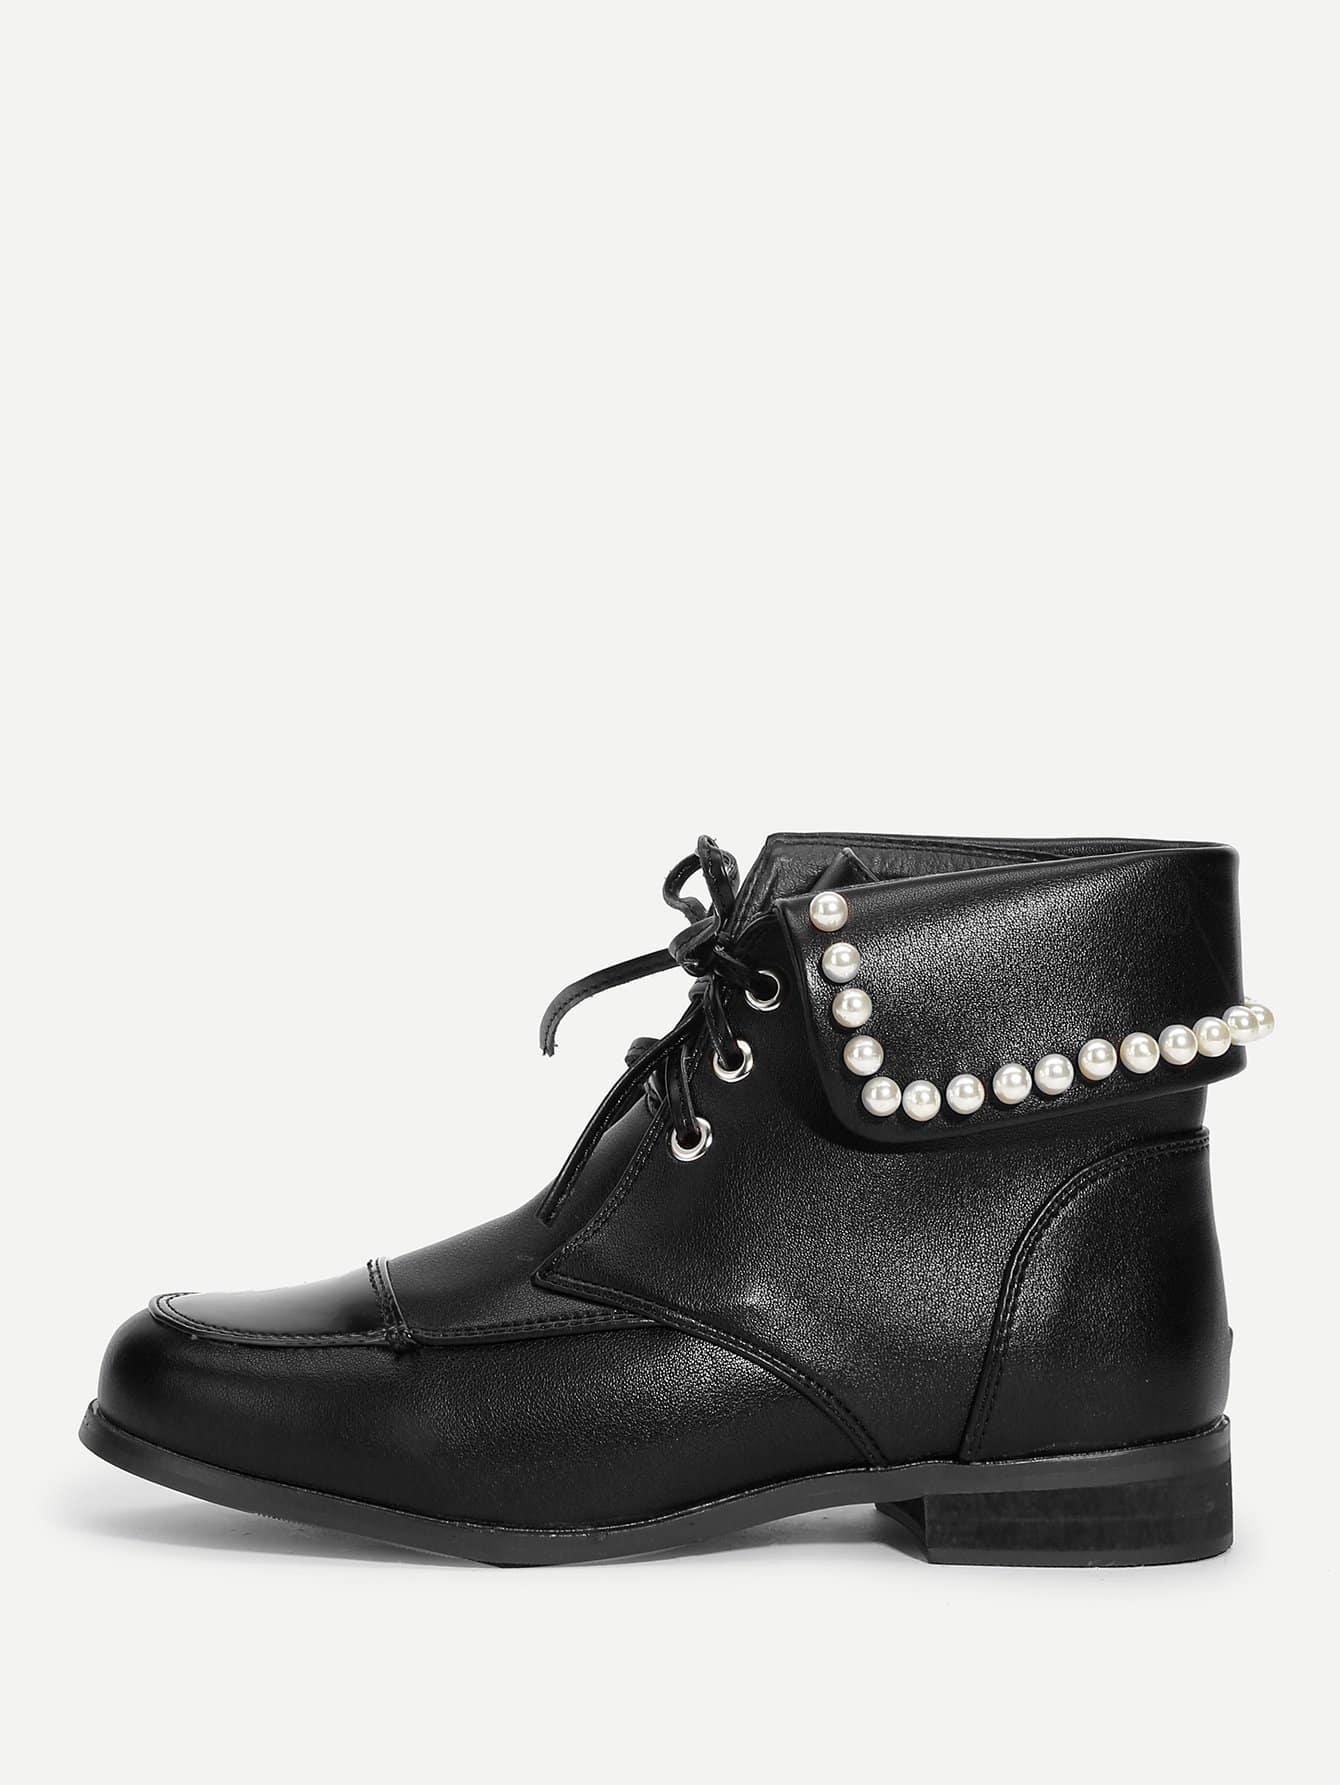 Купить Сапоги с шнурками и укаршением искусственных жемчугов, null, SheIn